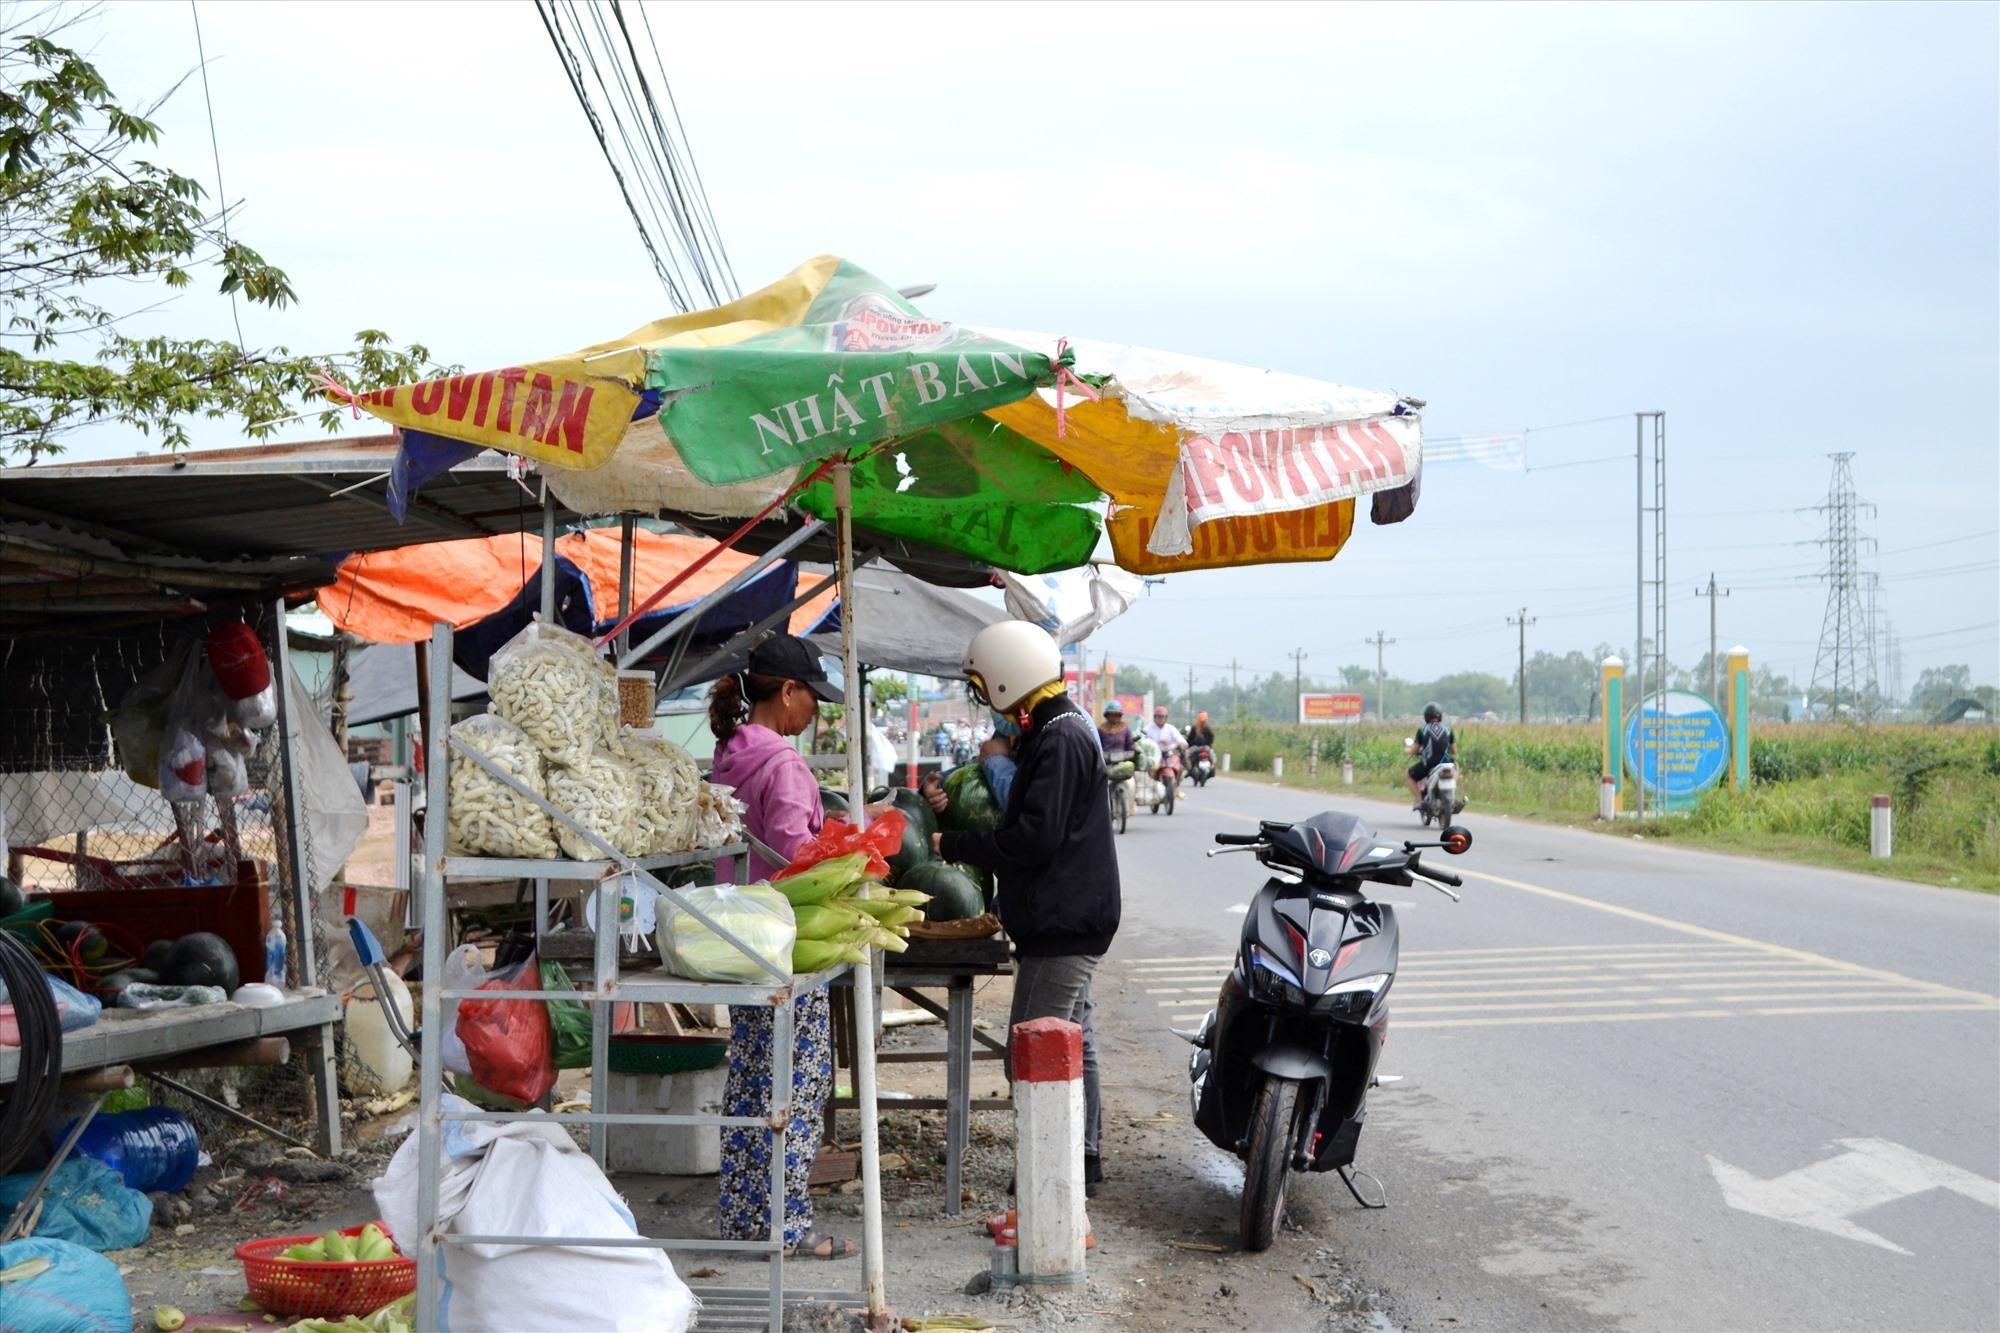 Lấn chiếm hành lang an toàn để buôn bán tại khu vực giao nhau giữa ĐT609C với ĐT609B. Ảnh: CT